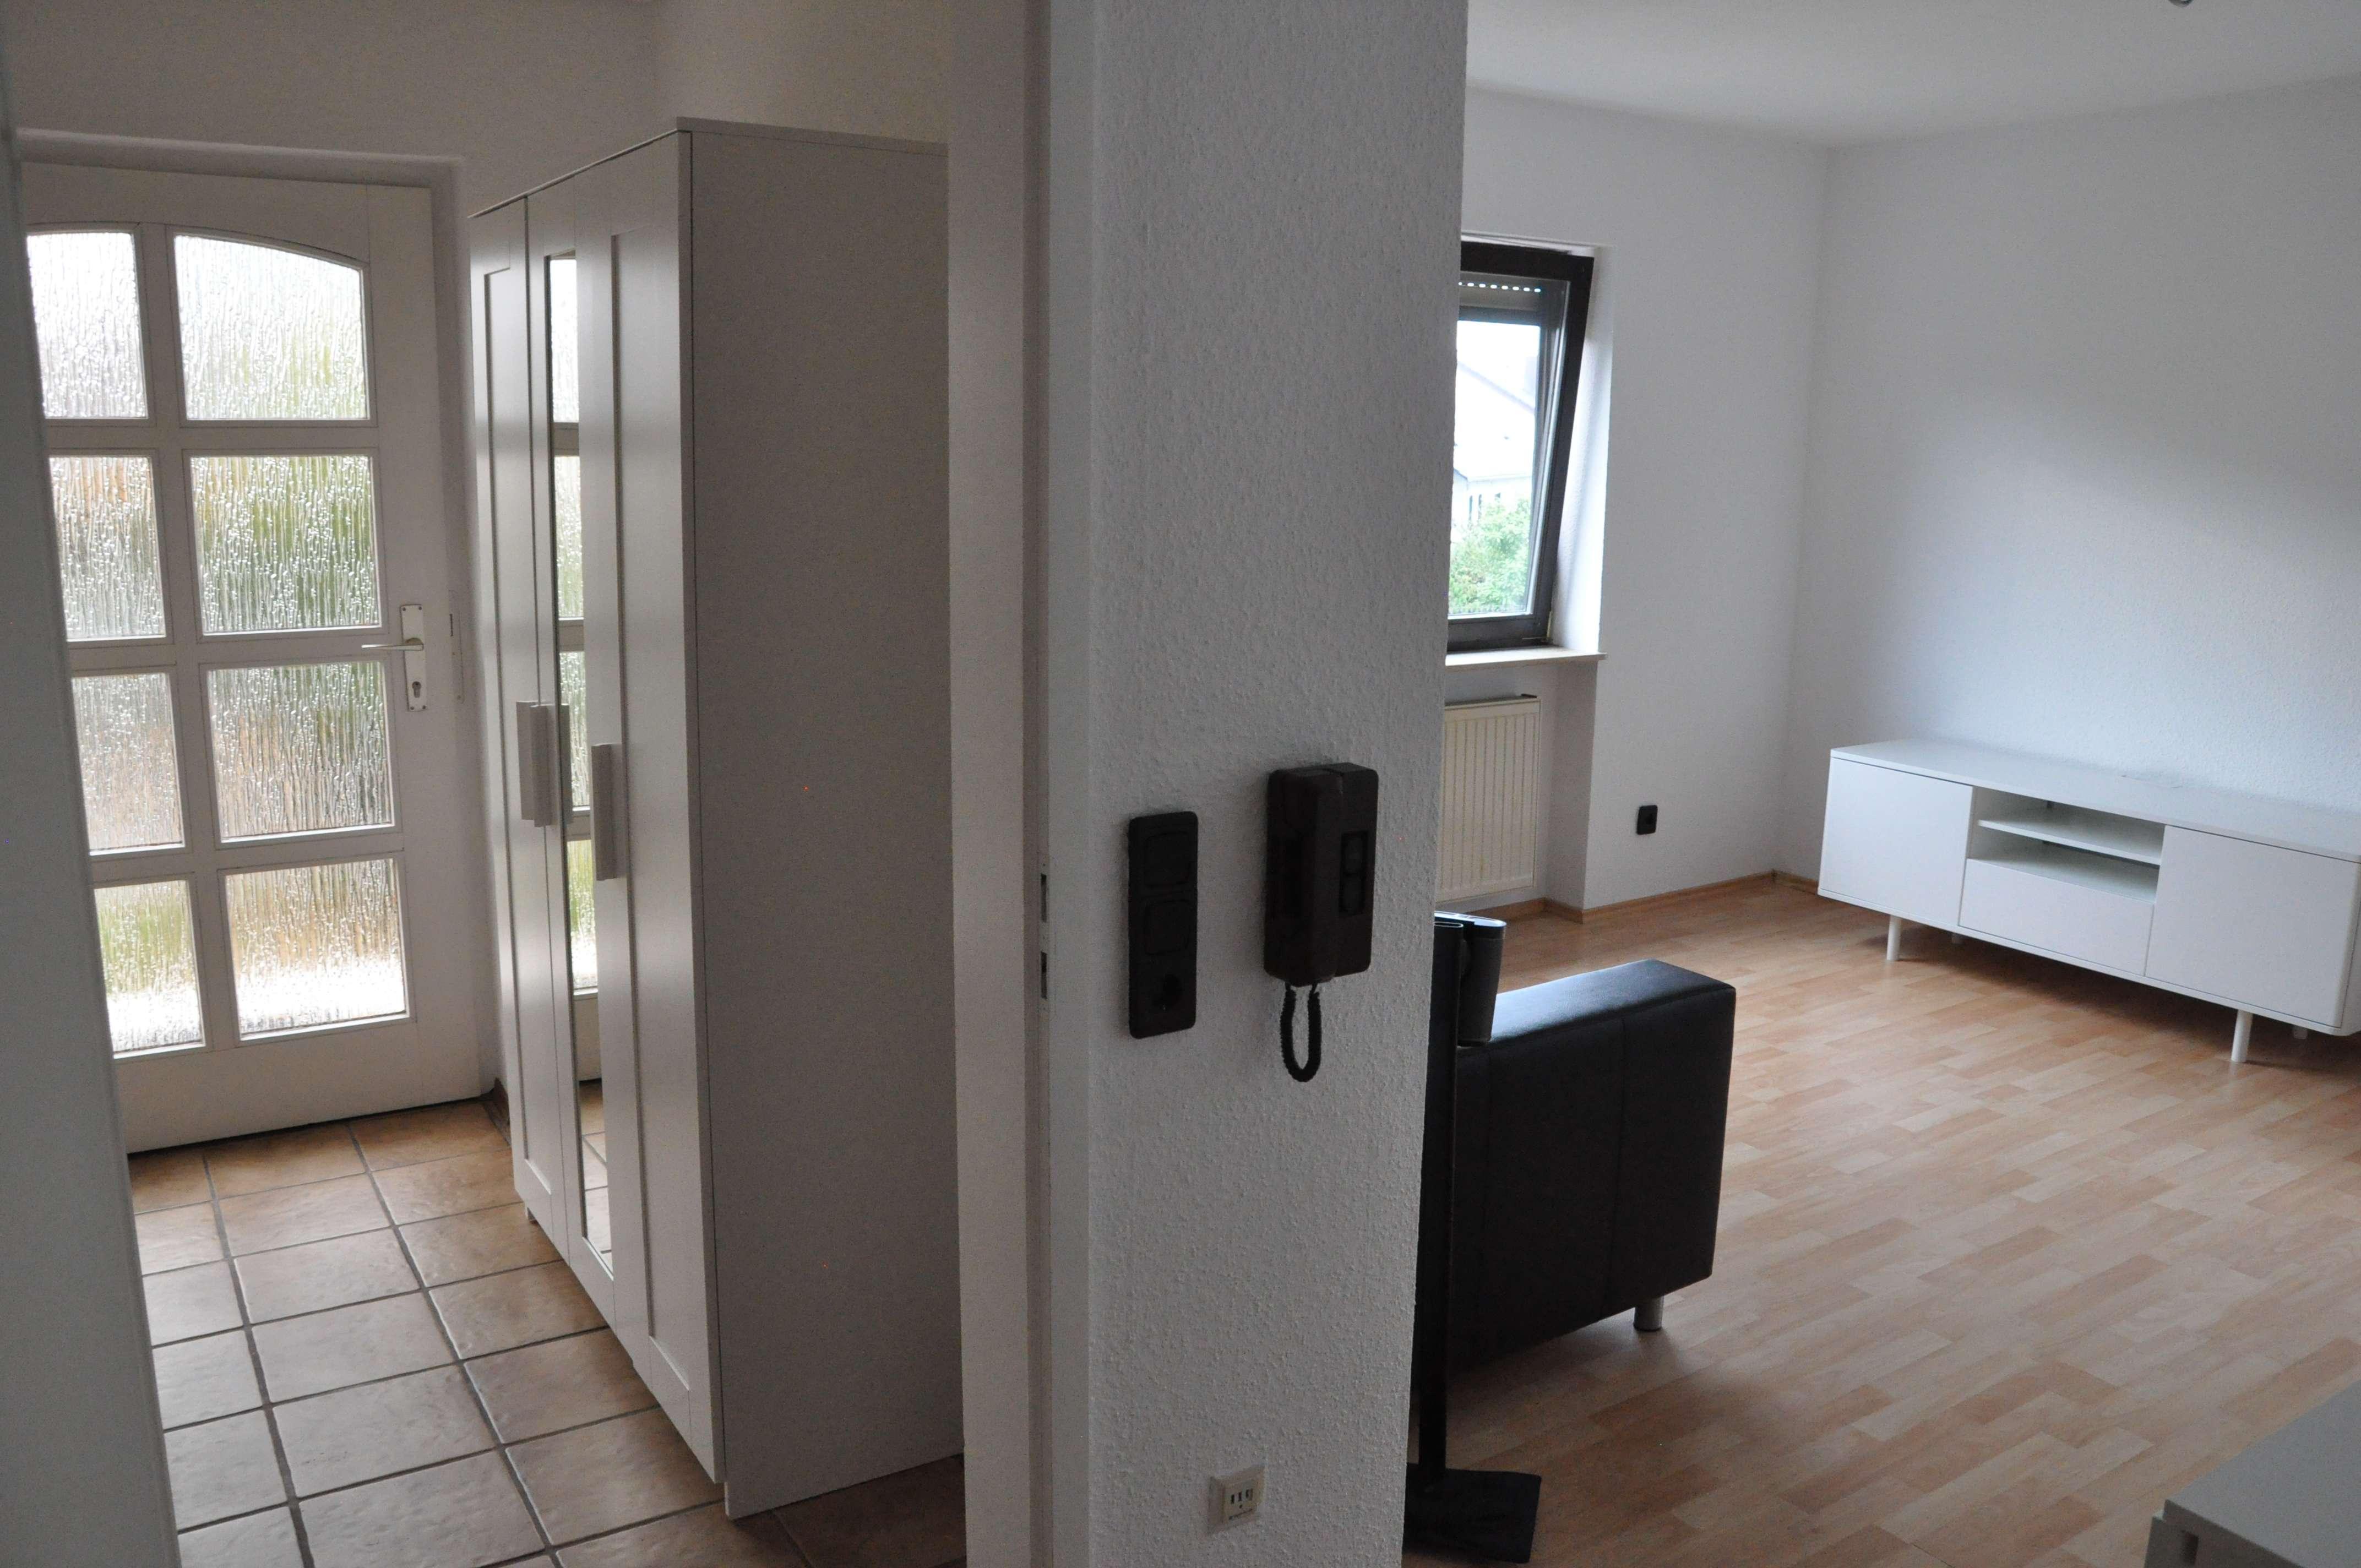 Vollständig renovierte 1-Zimmer-Erdgeschosswohnung mit Einbauküche in Haibach.aibach/Aschaffenburg in Haibach (Aschaffenburg)